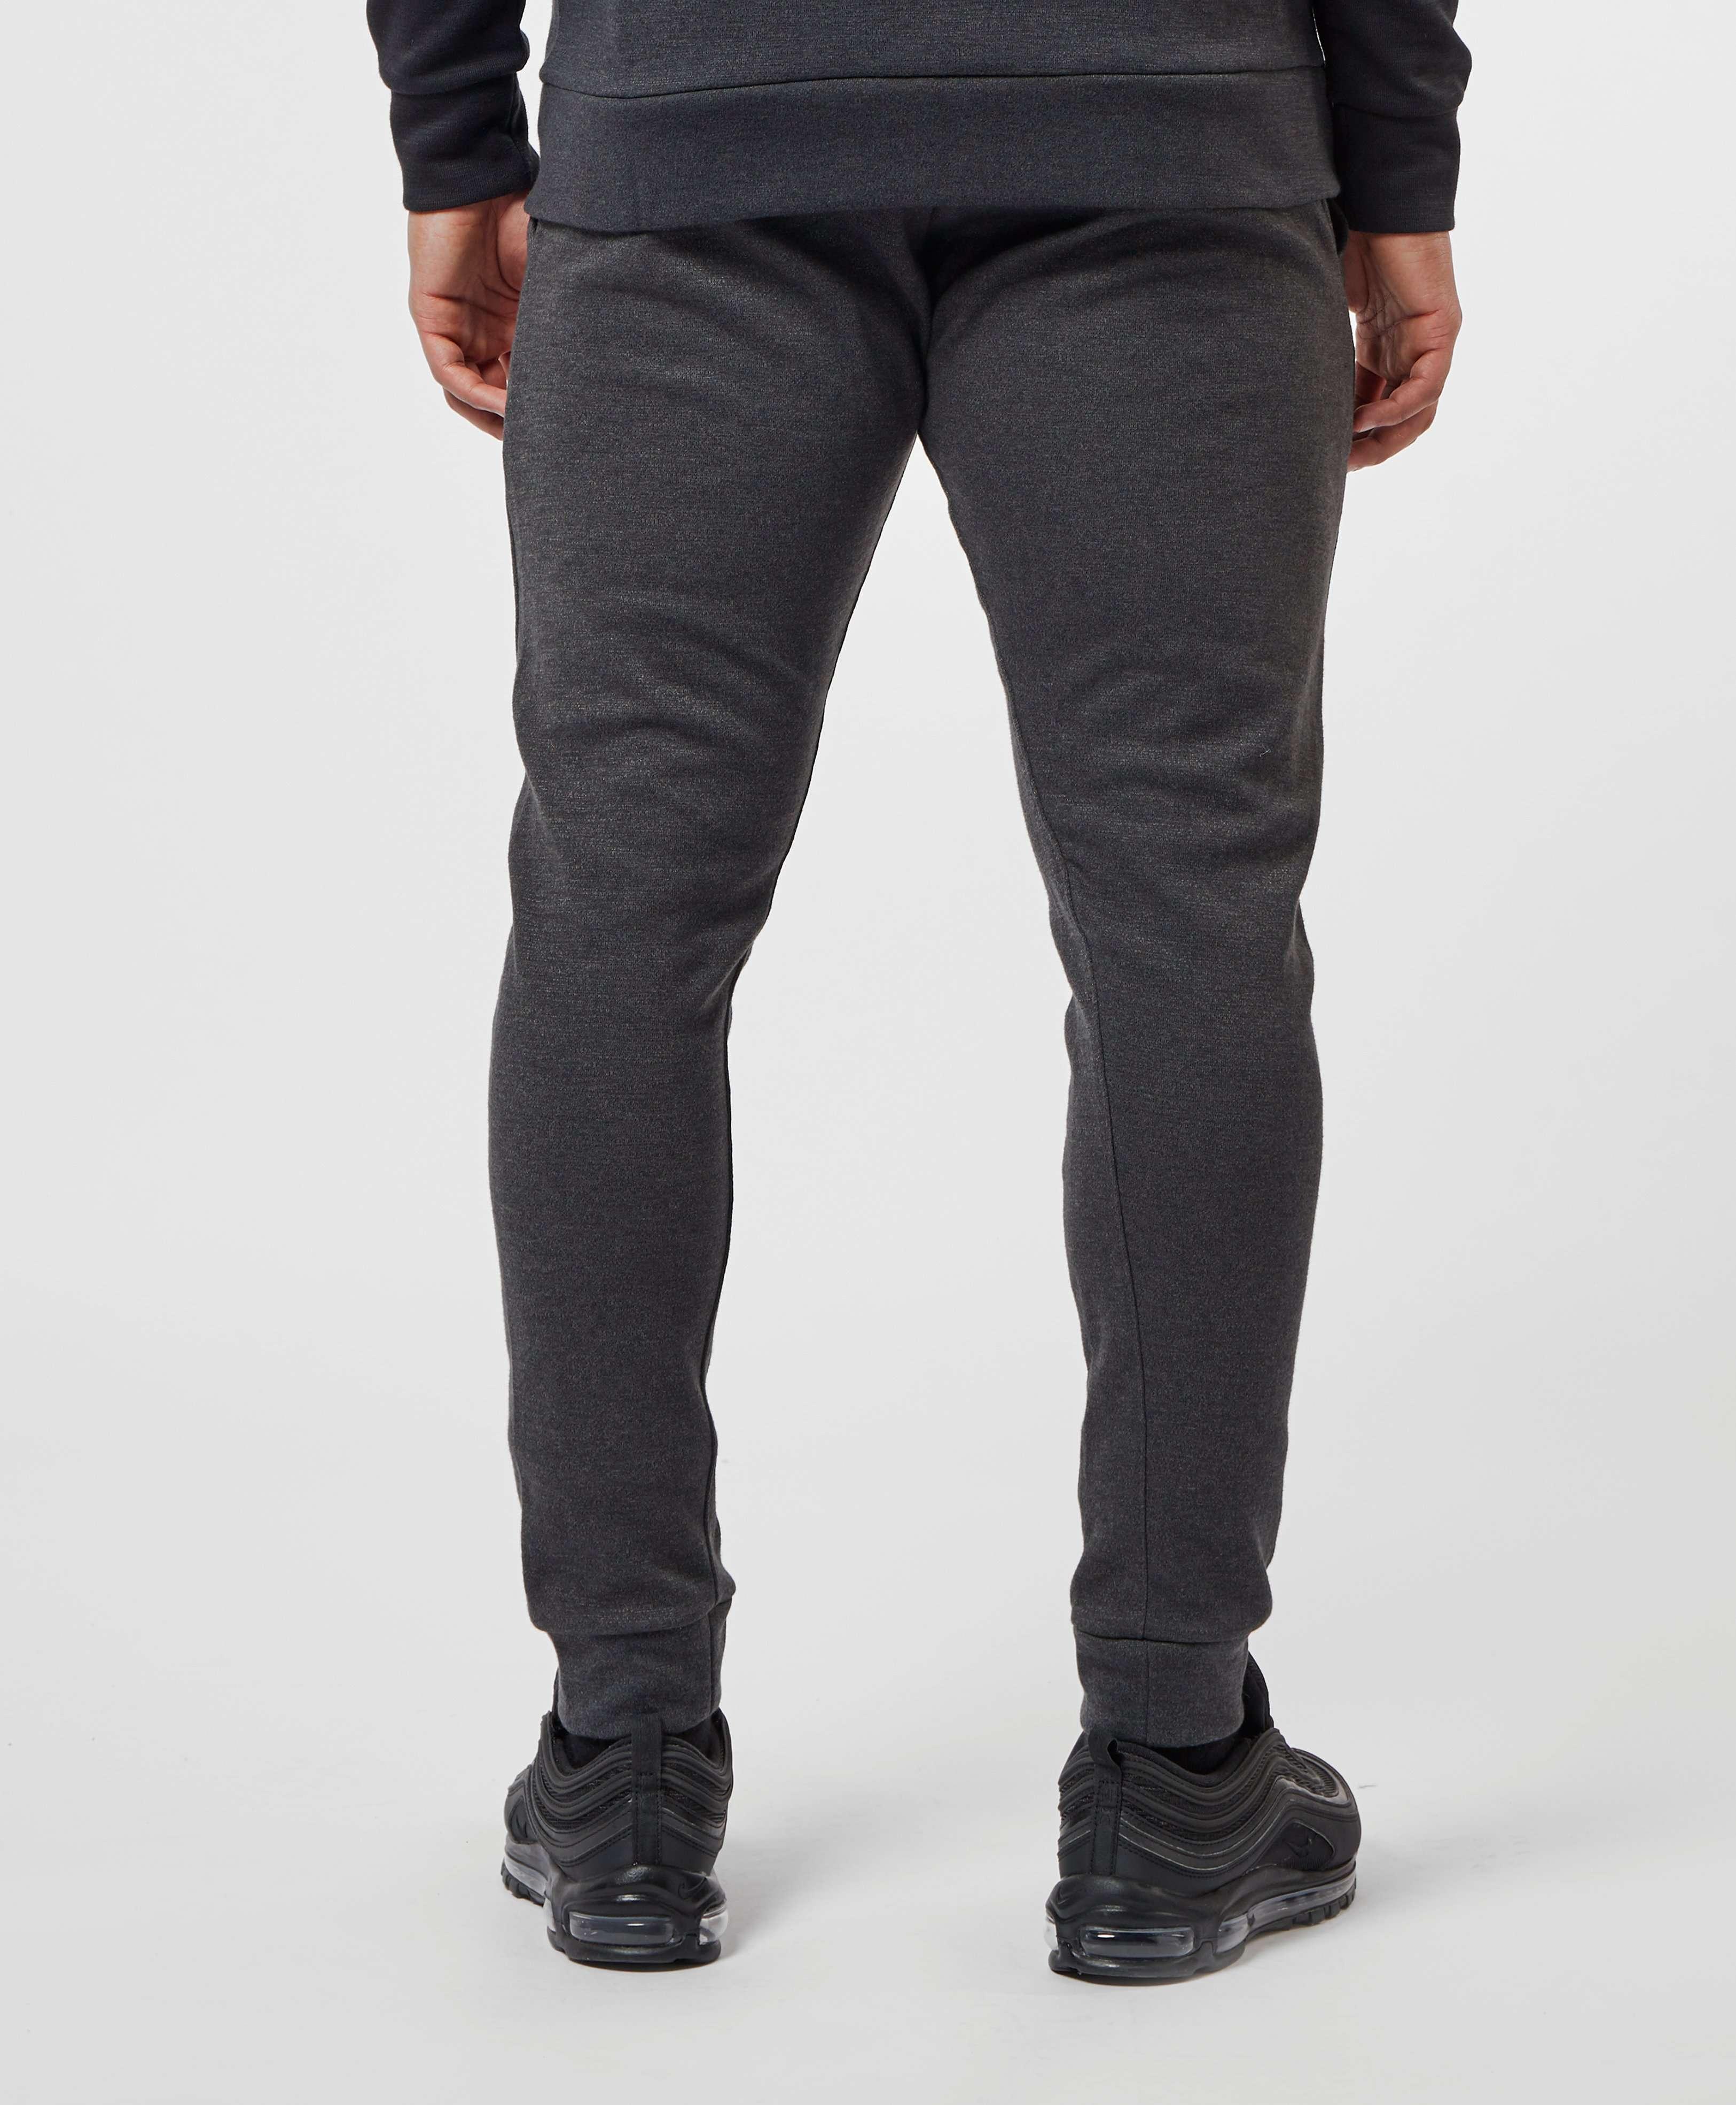 Nike Optic Cuffed Fleece Pants